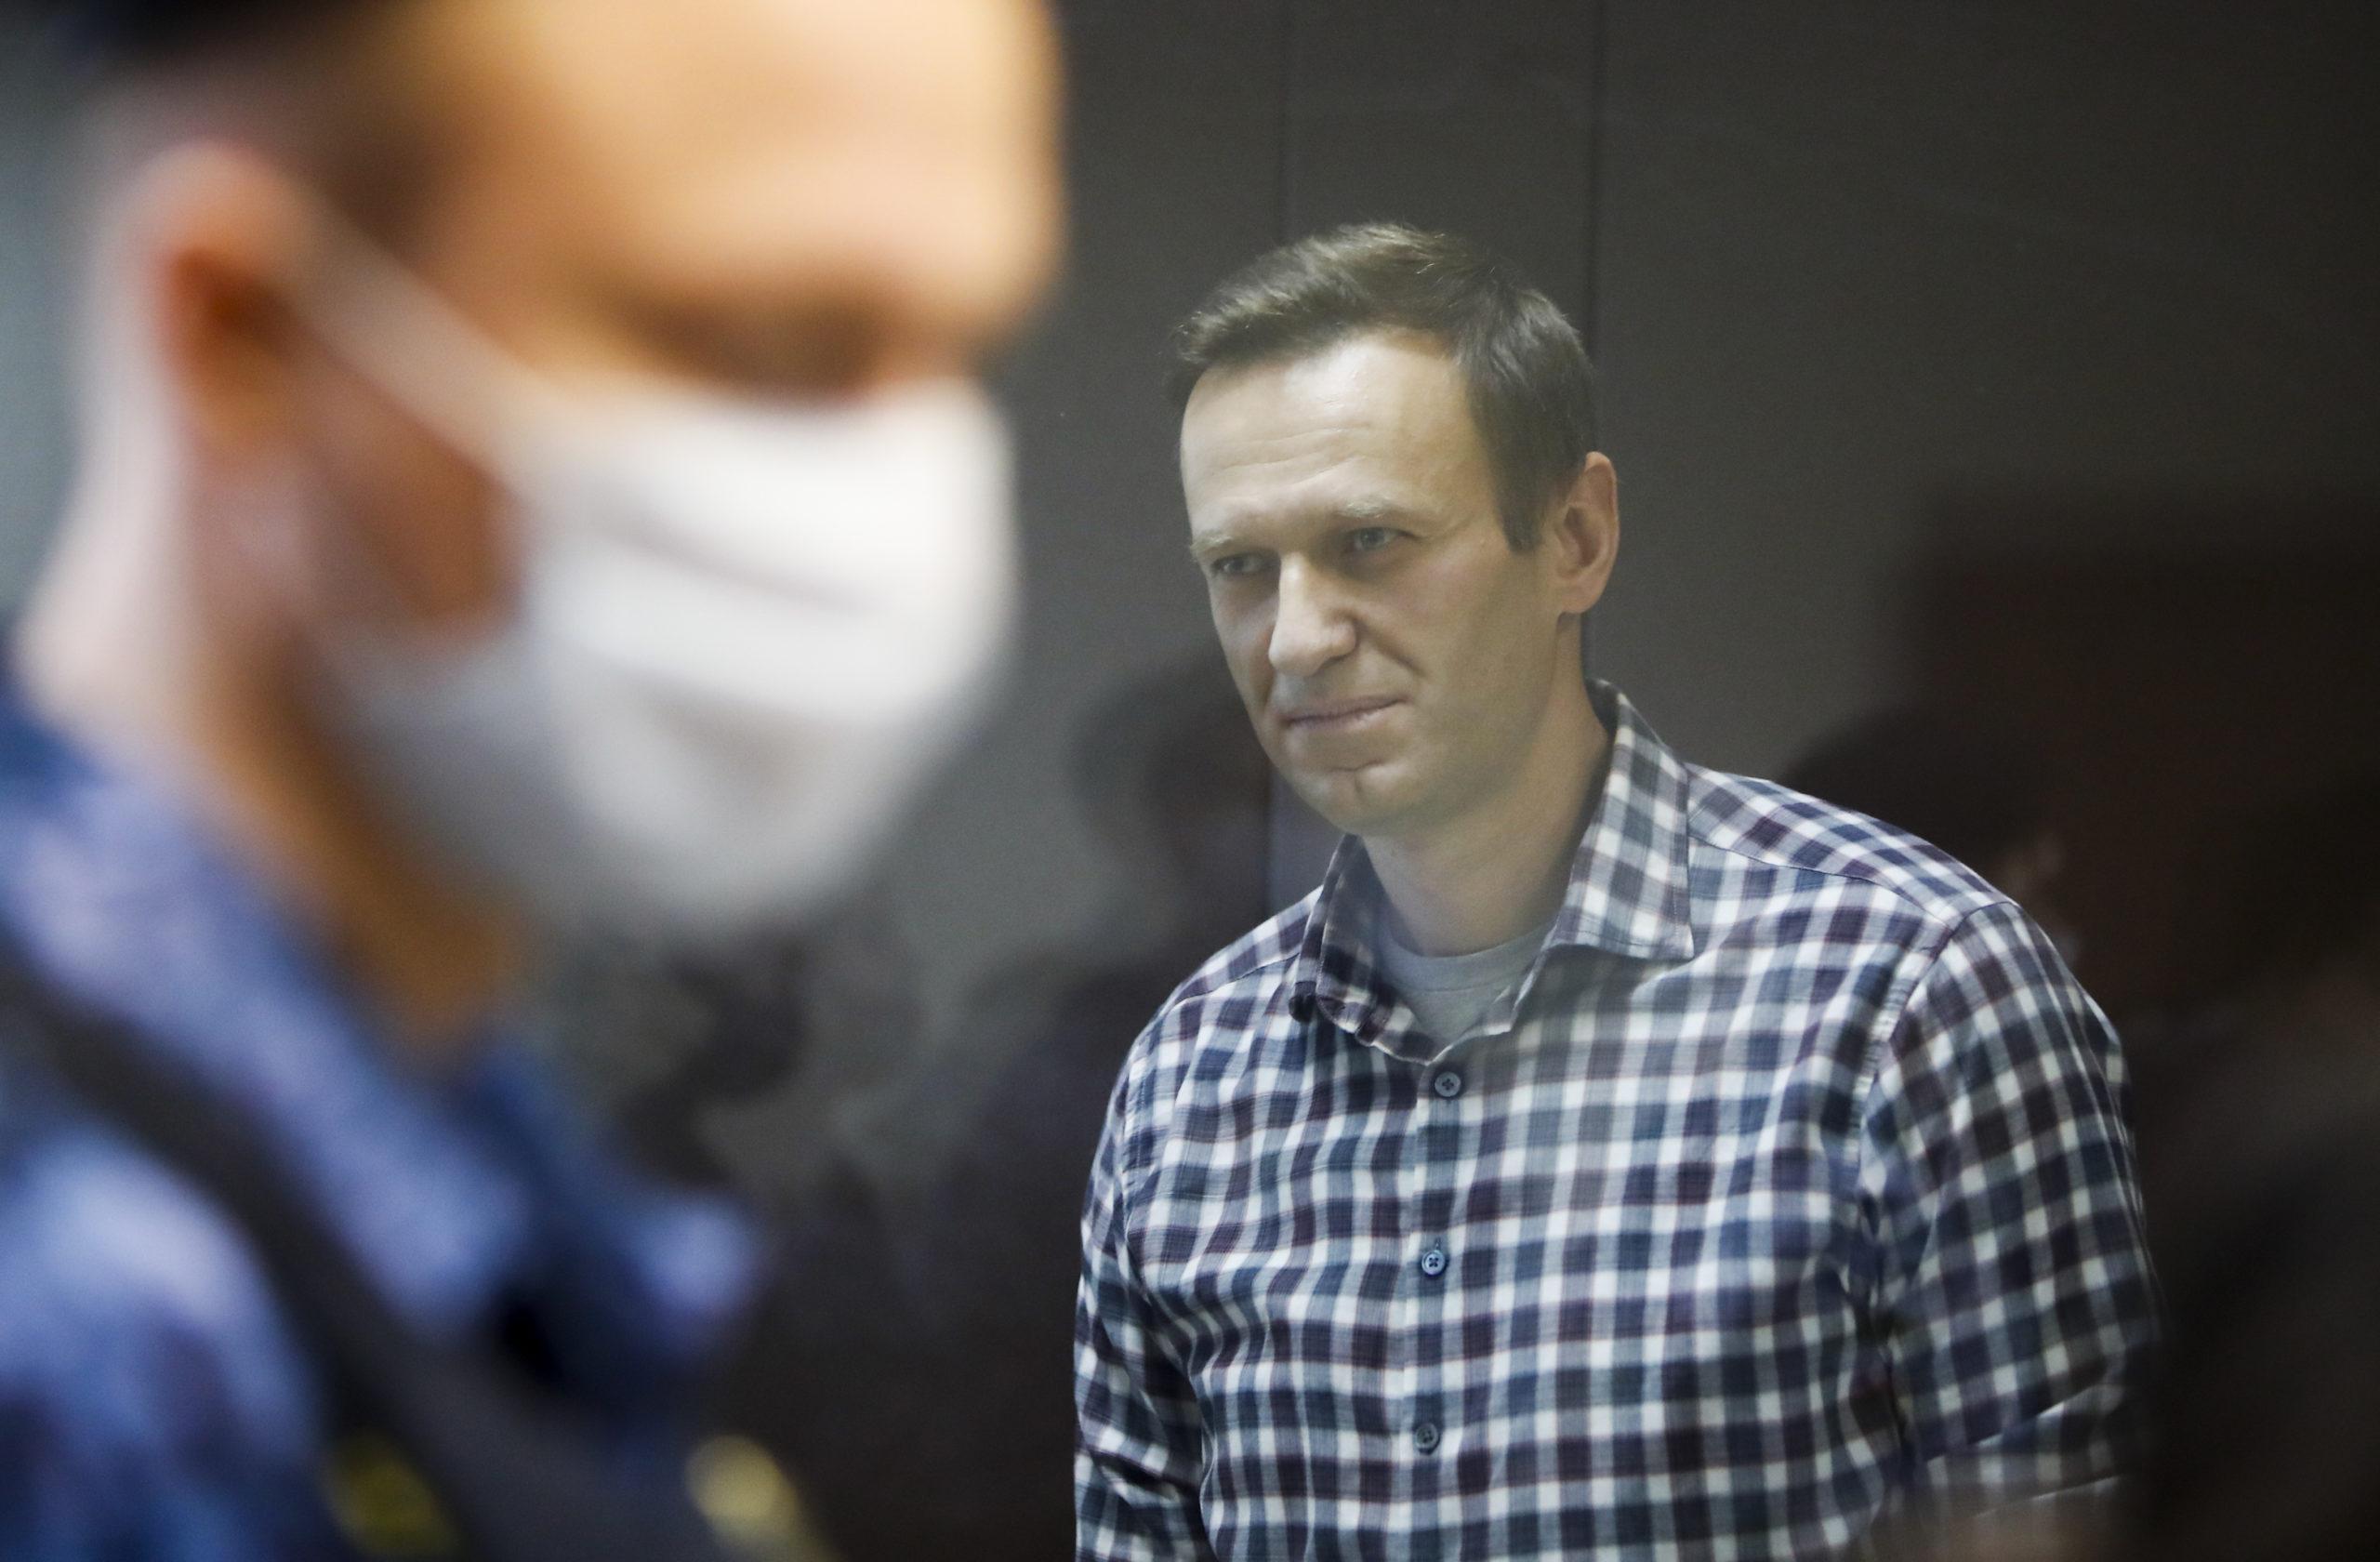 L'opposant russe Alexeï Navalny est arrivé dans une colonie pénitentiaire